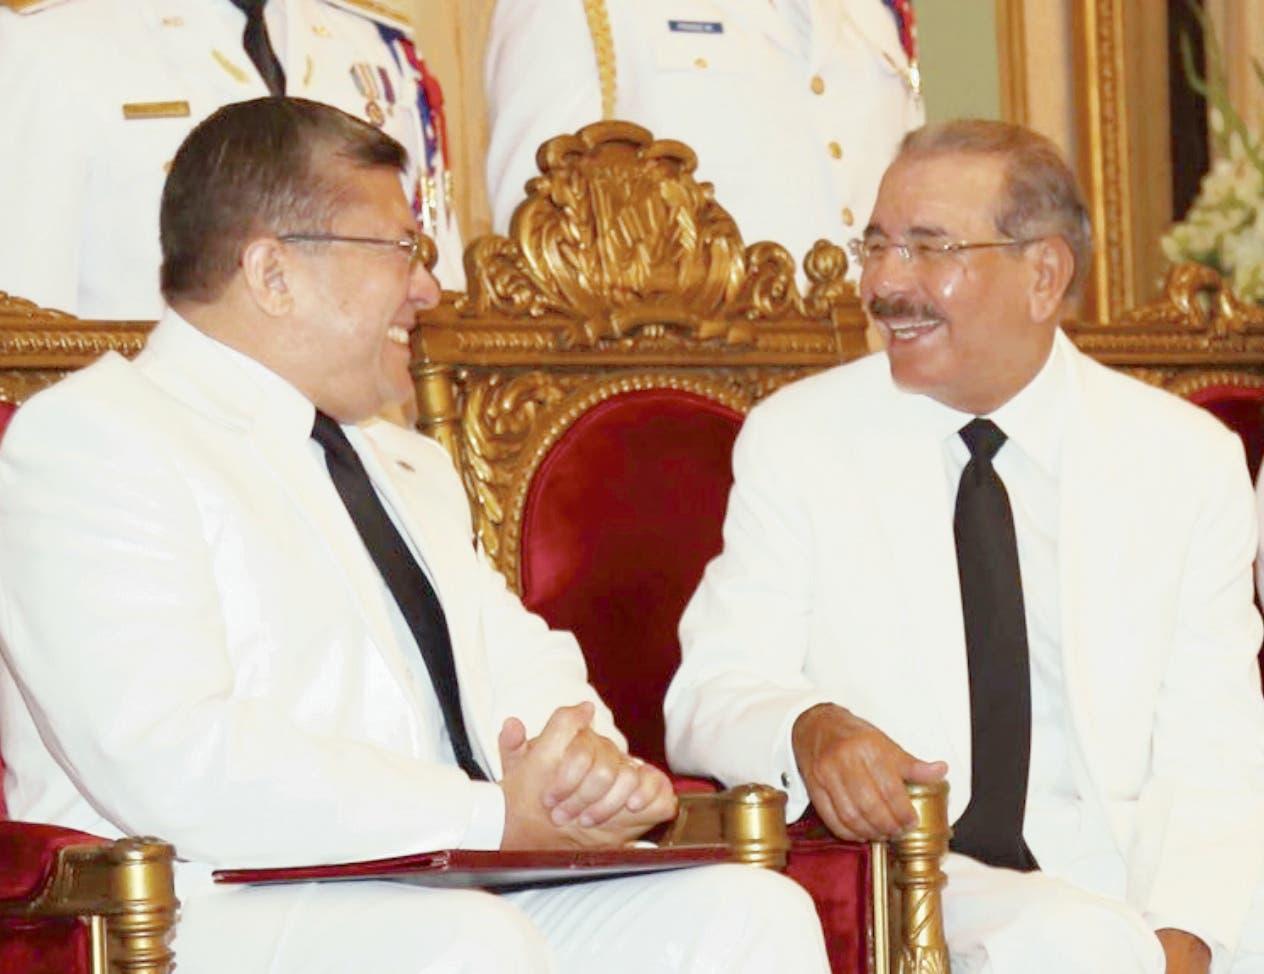 En mayo de 2016 Uzcátegui Duque presentó cartas credenciales ante Danilo Medina.